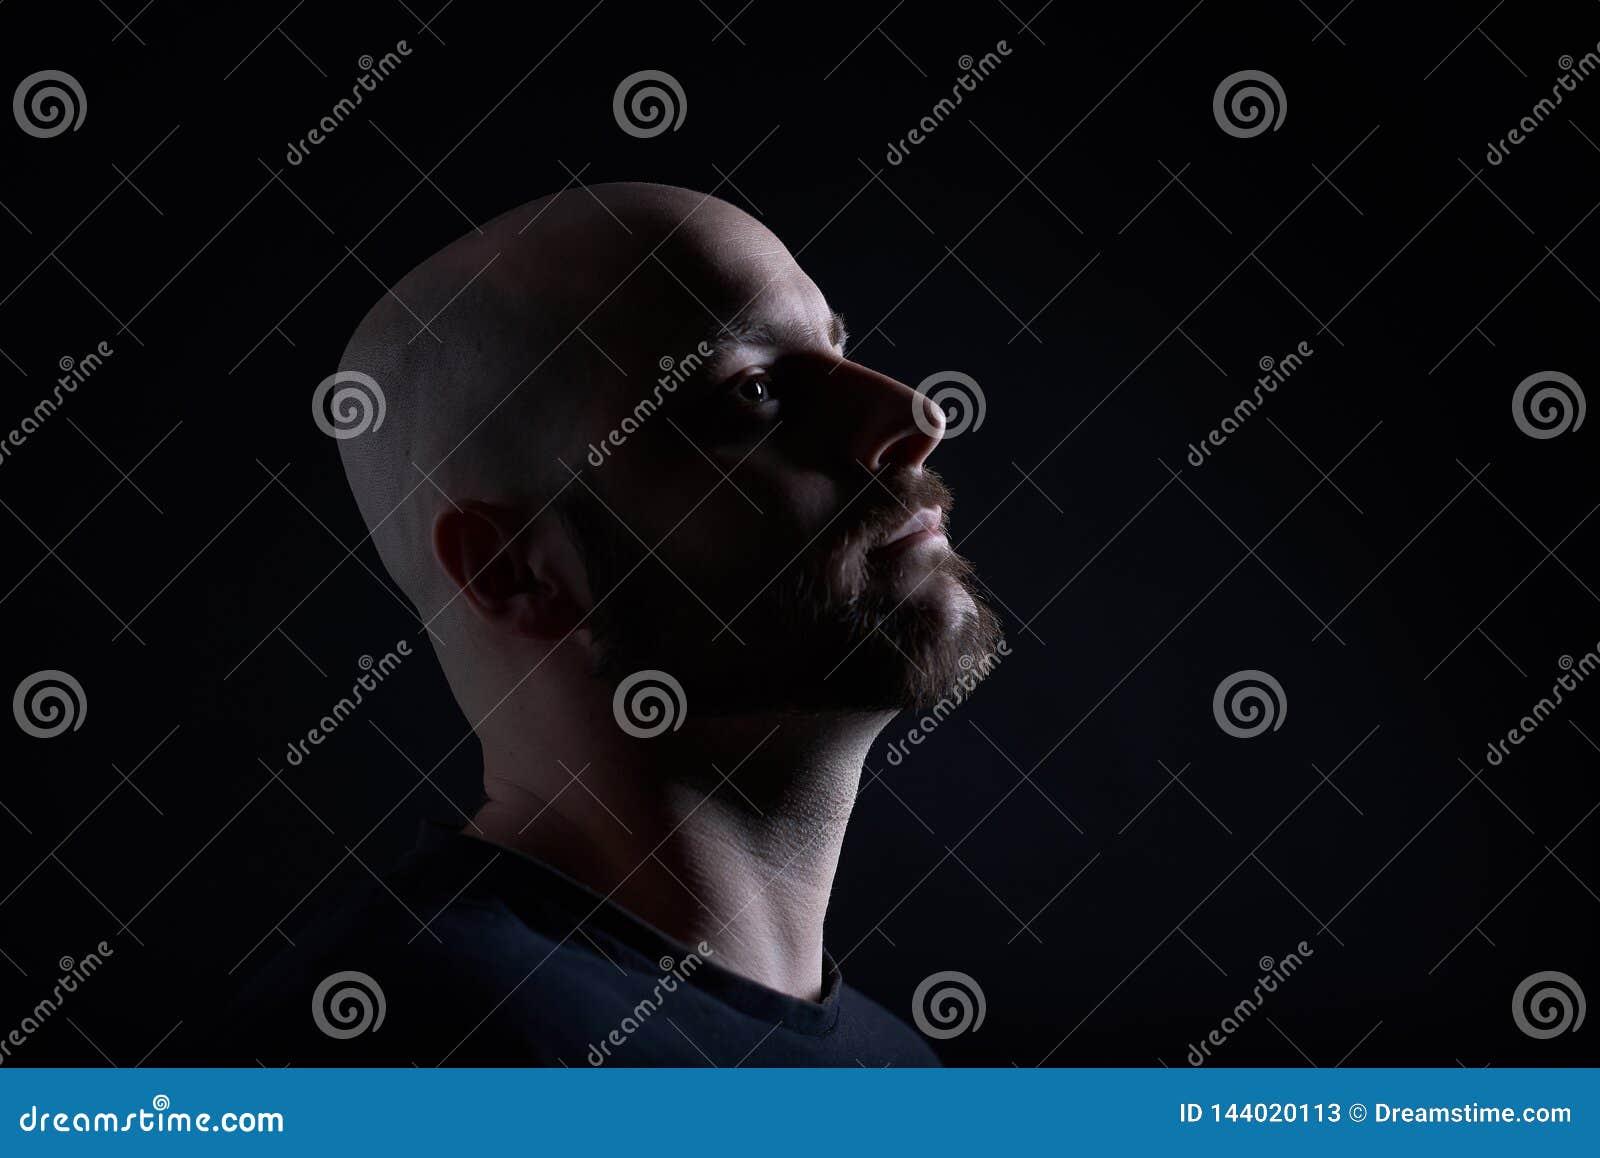 De man met baard op donkergrijze achtergrond